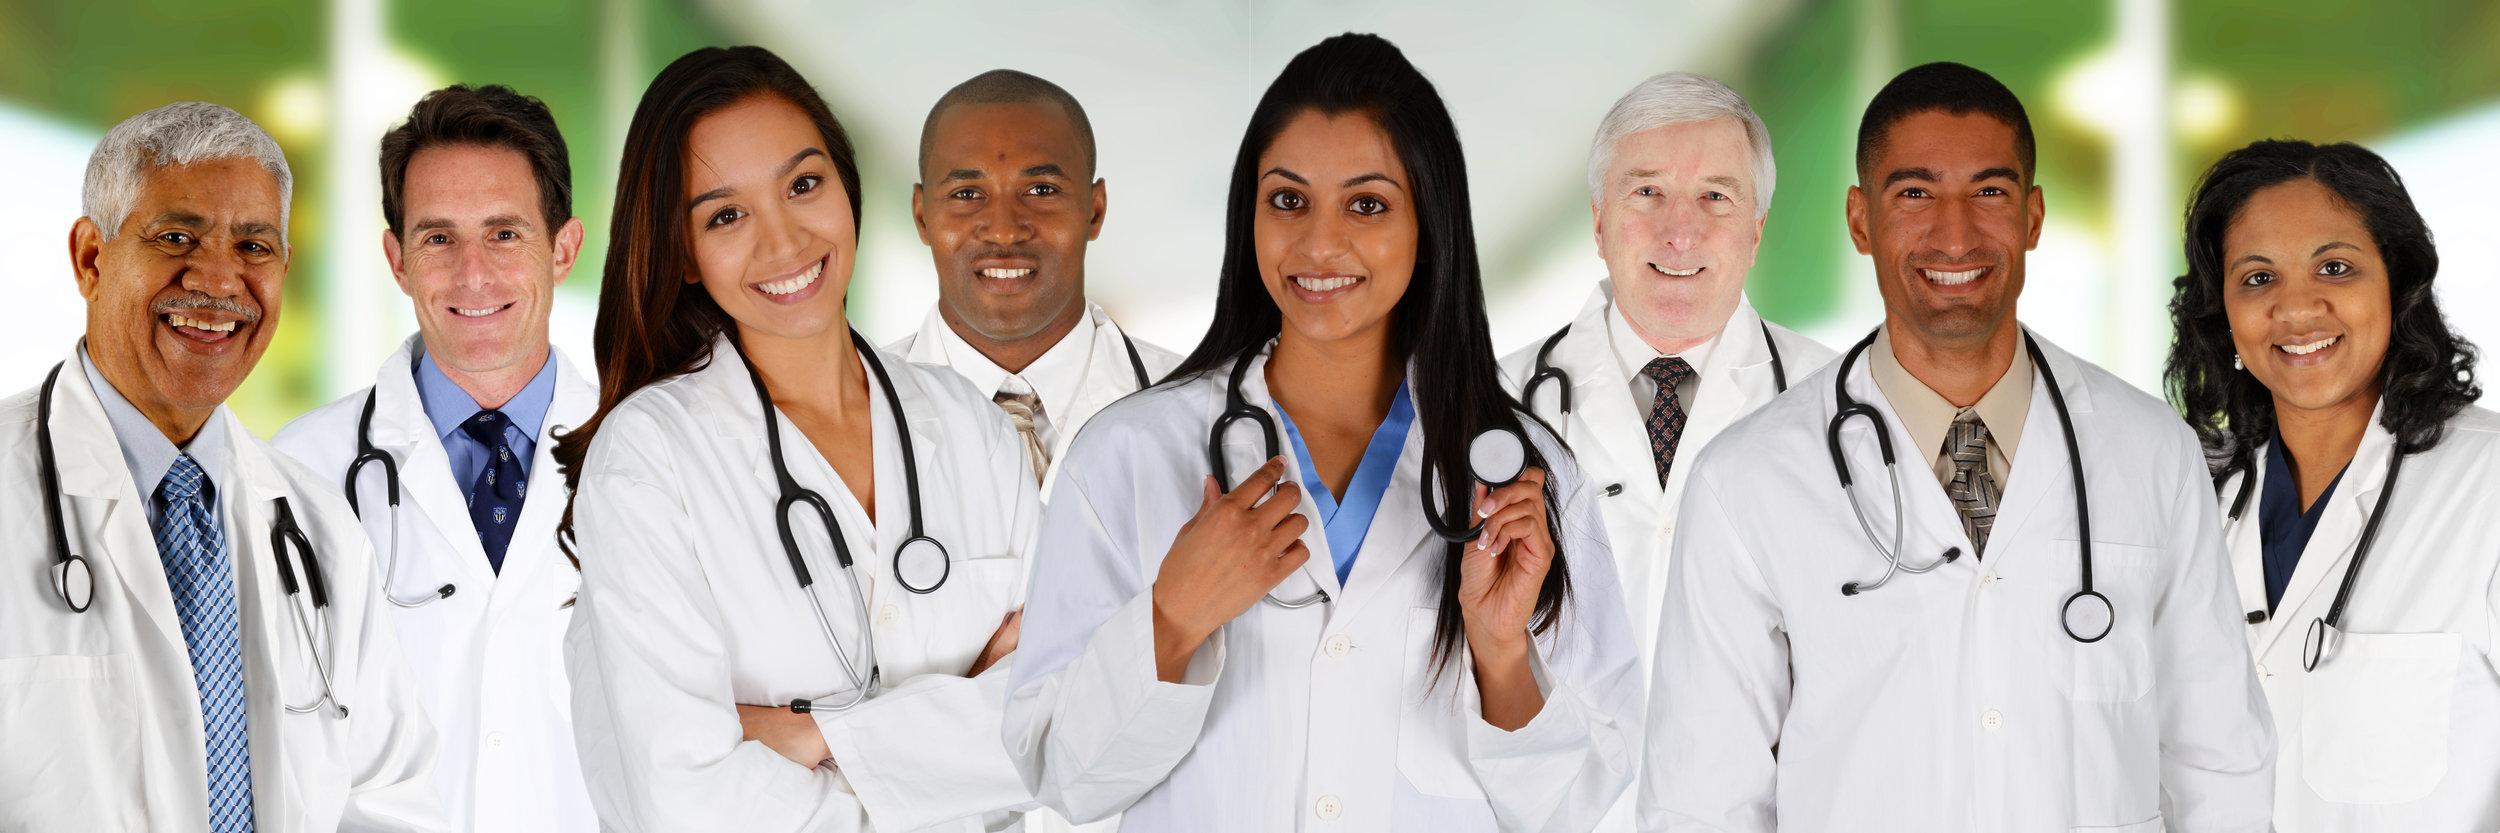 Diverse doctors panorama.jpg